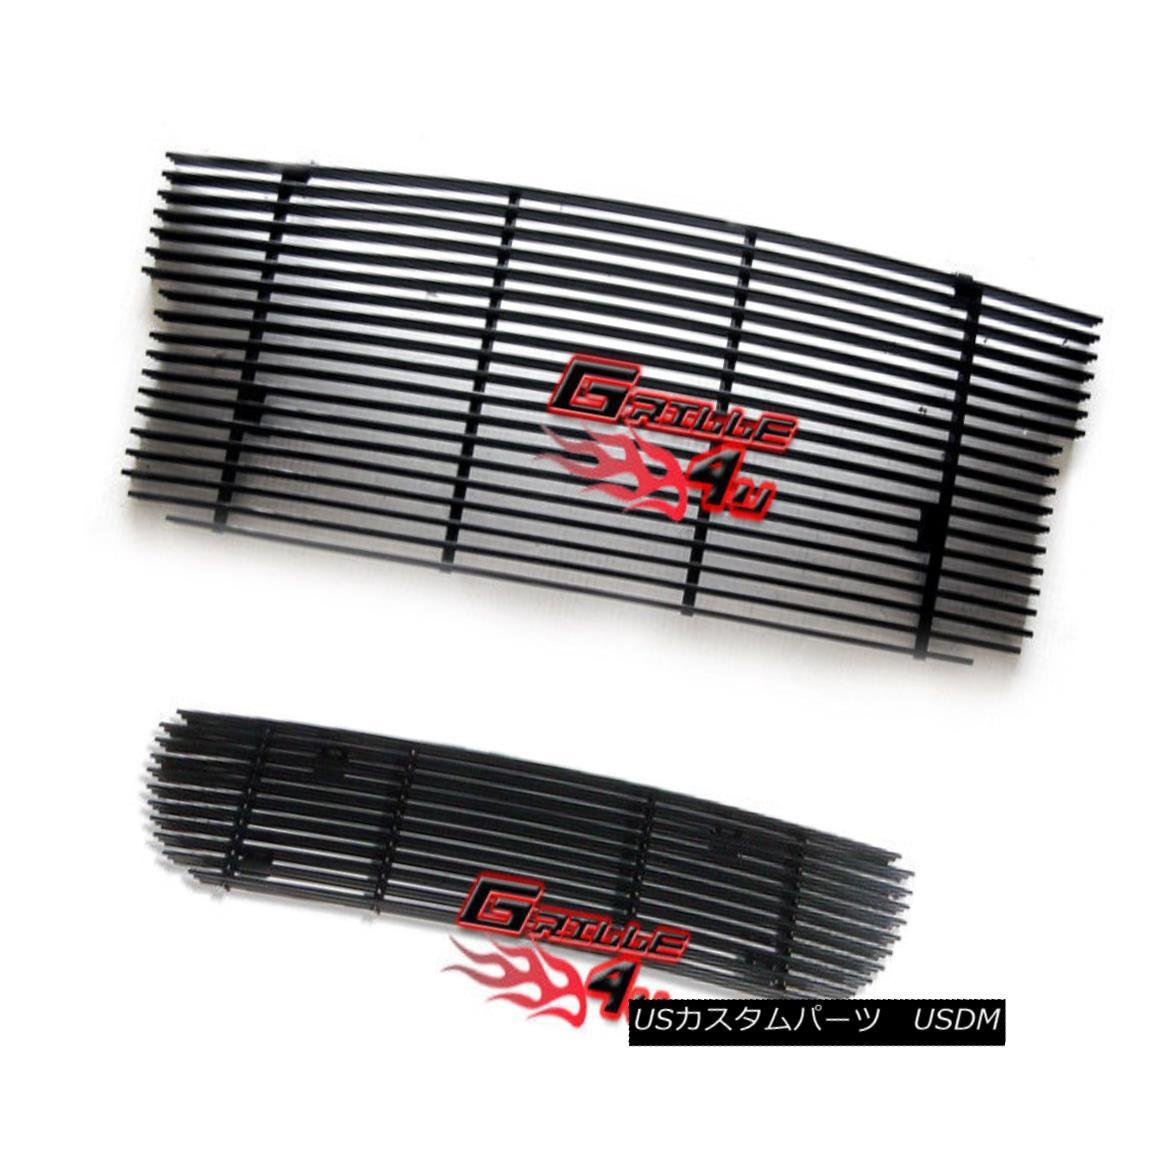 グリル For 99-03 Ford F-150 Lightning Black Billet Premium Grille Combo 99-03フォードF-150ライトニングブラックビレットプレミアムグリルコンボ用